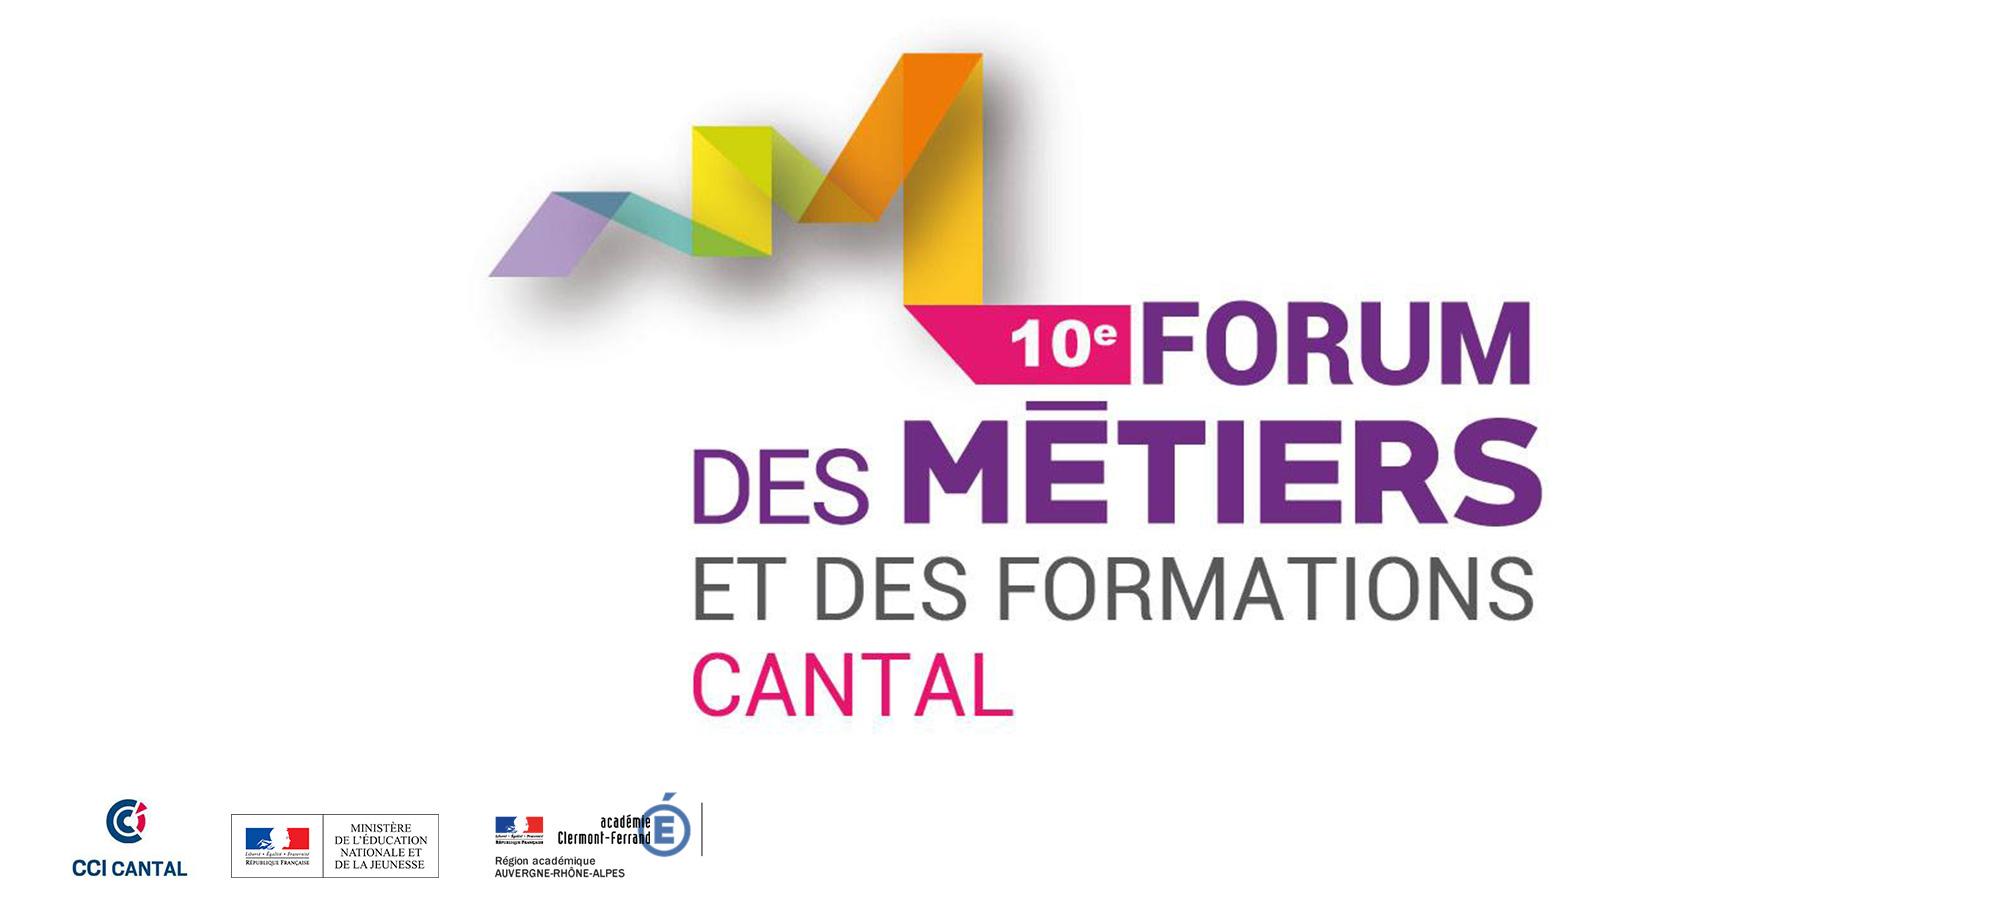 Forum des métiers et des formations du Cantal